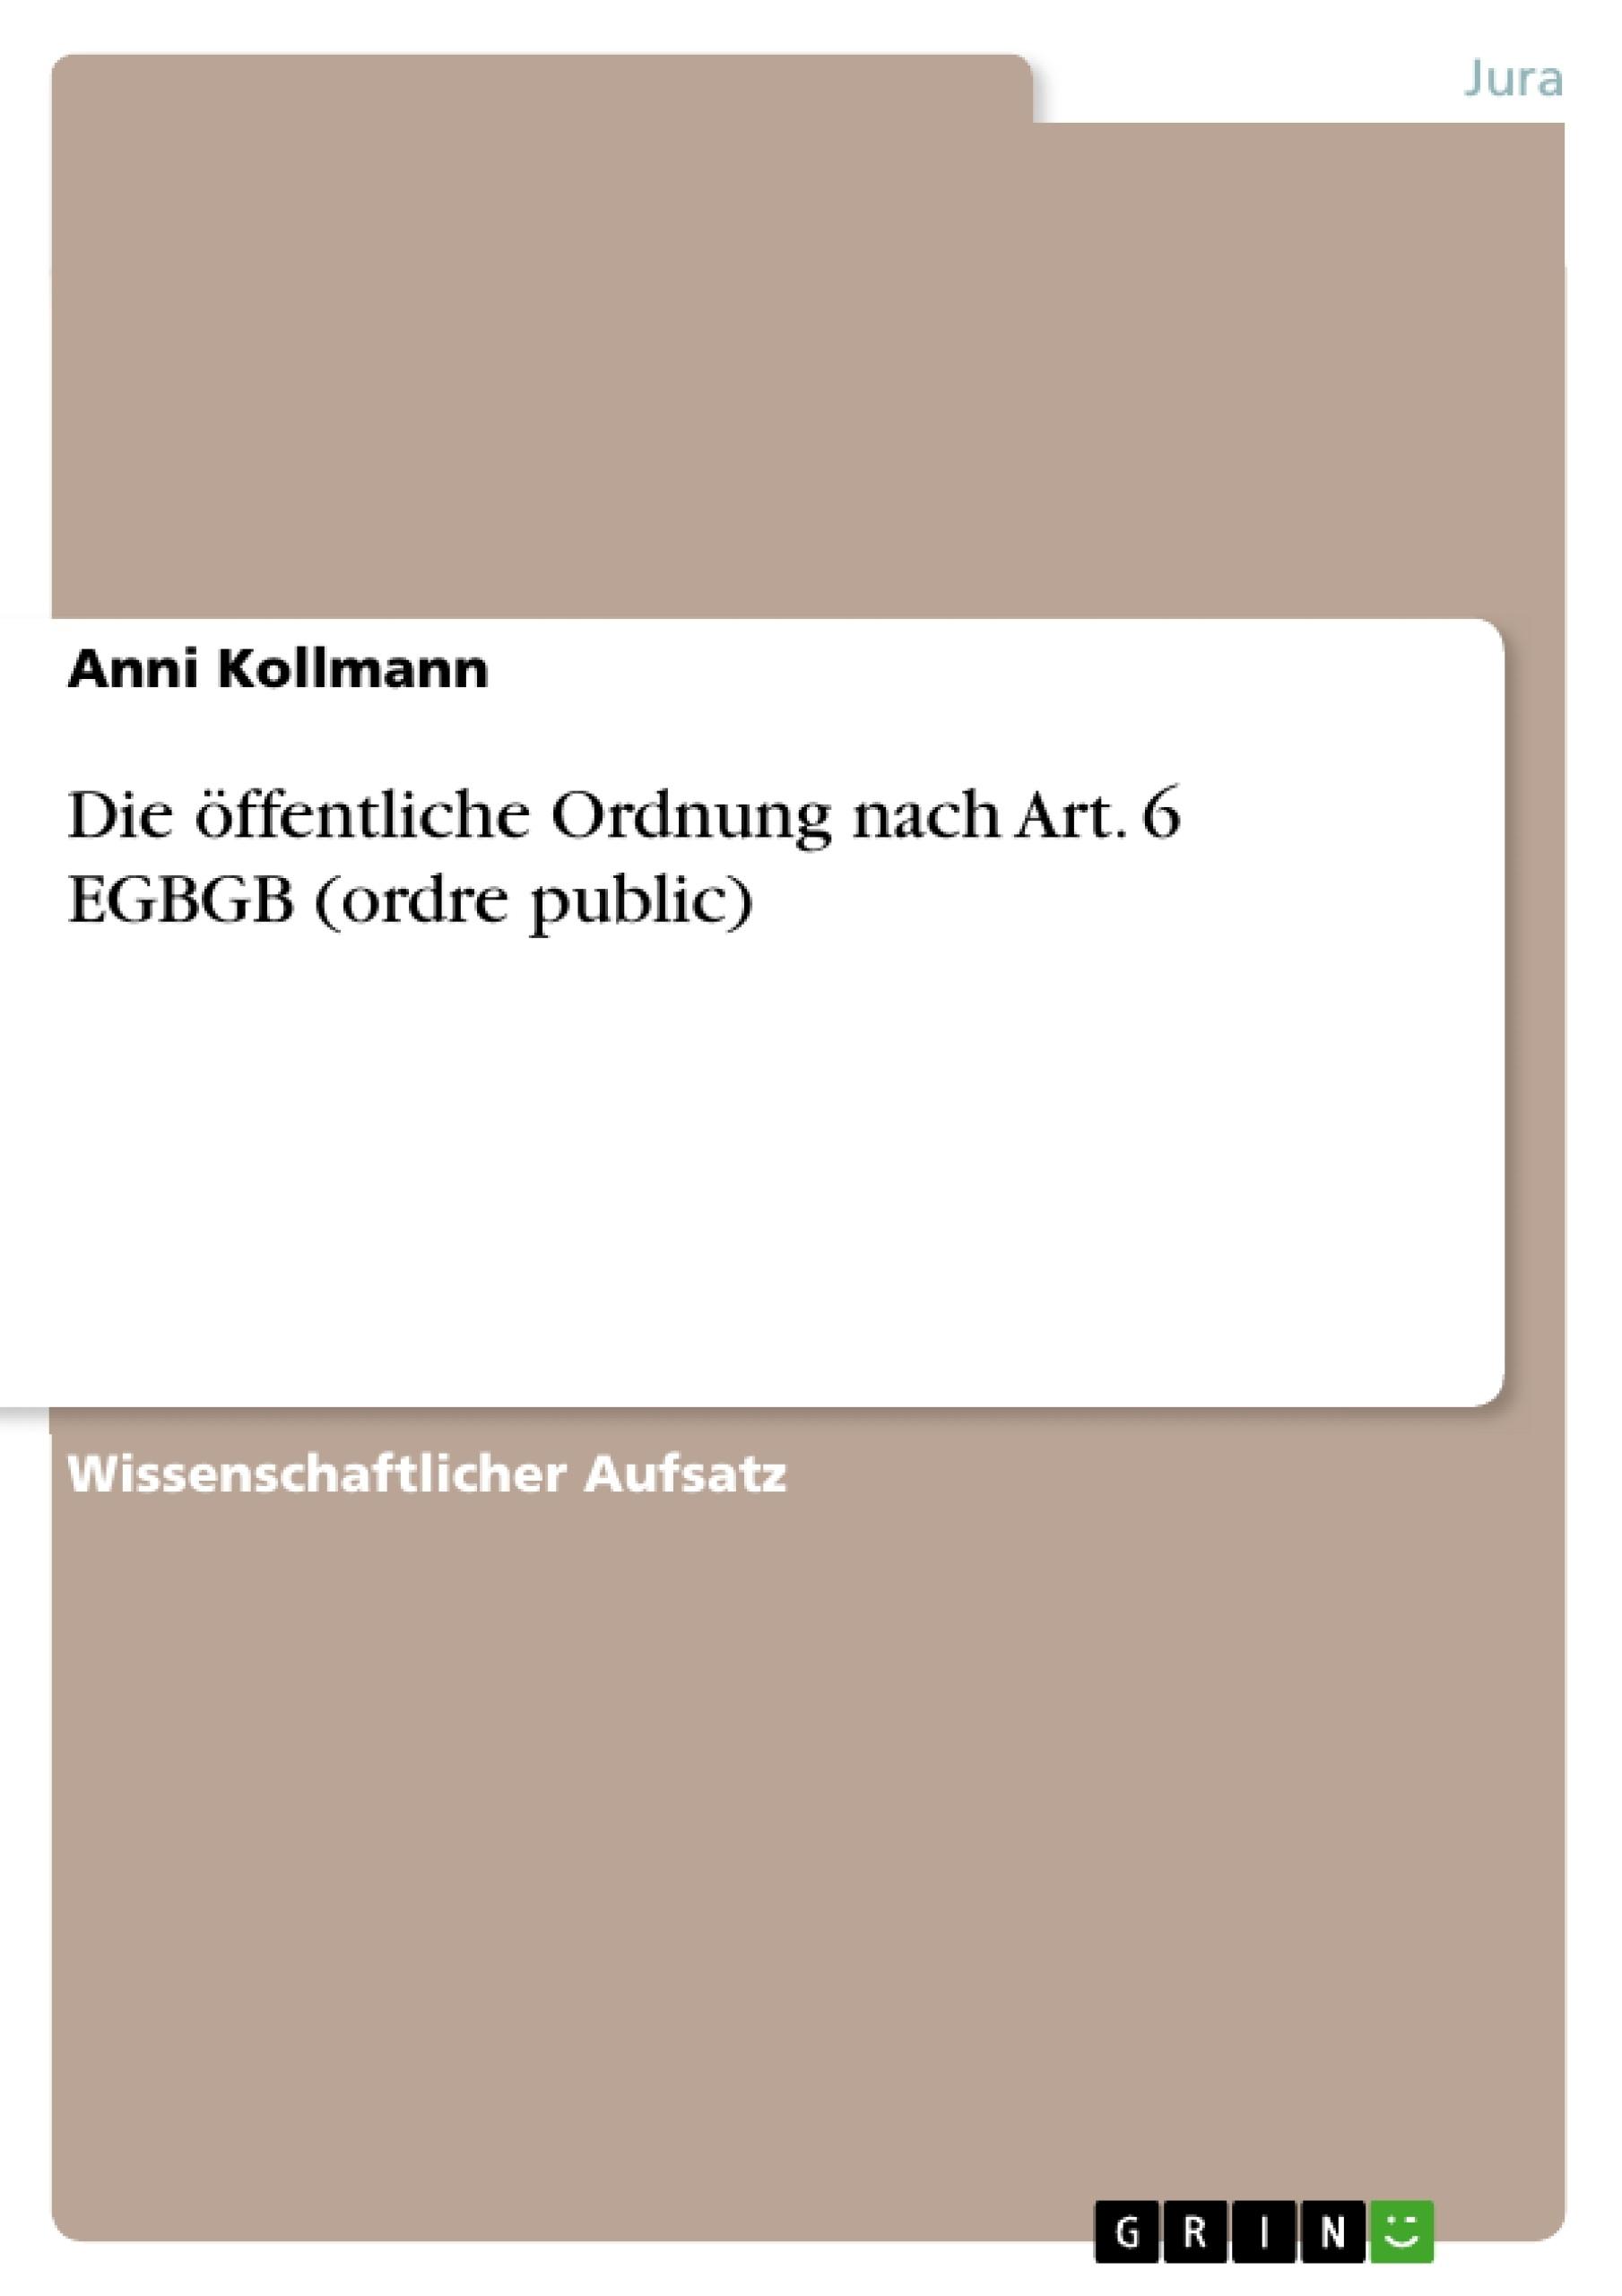 Titel: Die öffentliche Ordnung nach Art. 6 EGBGB (ordre public)